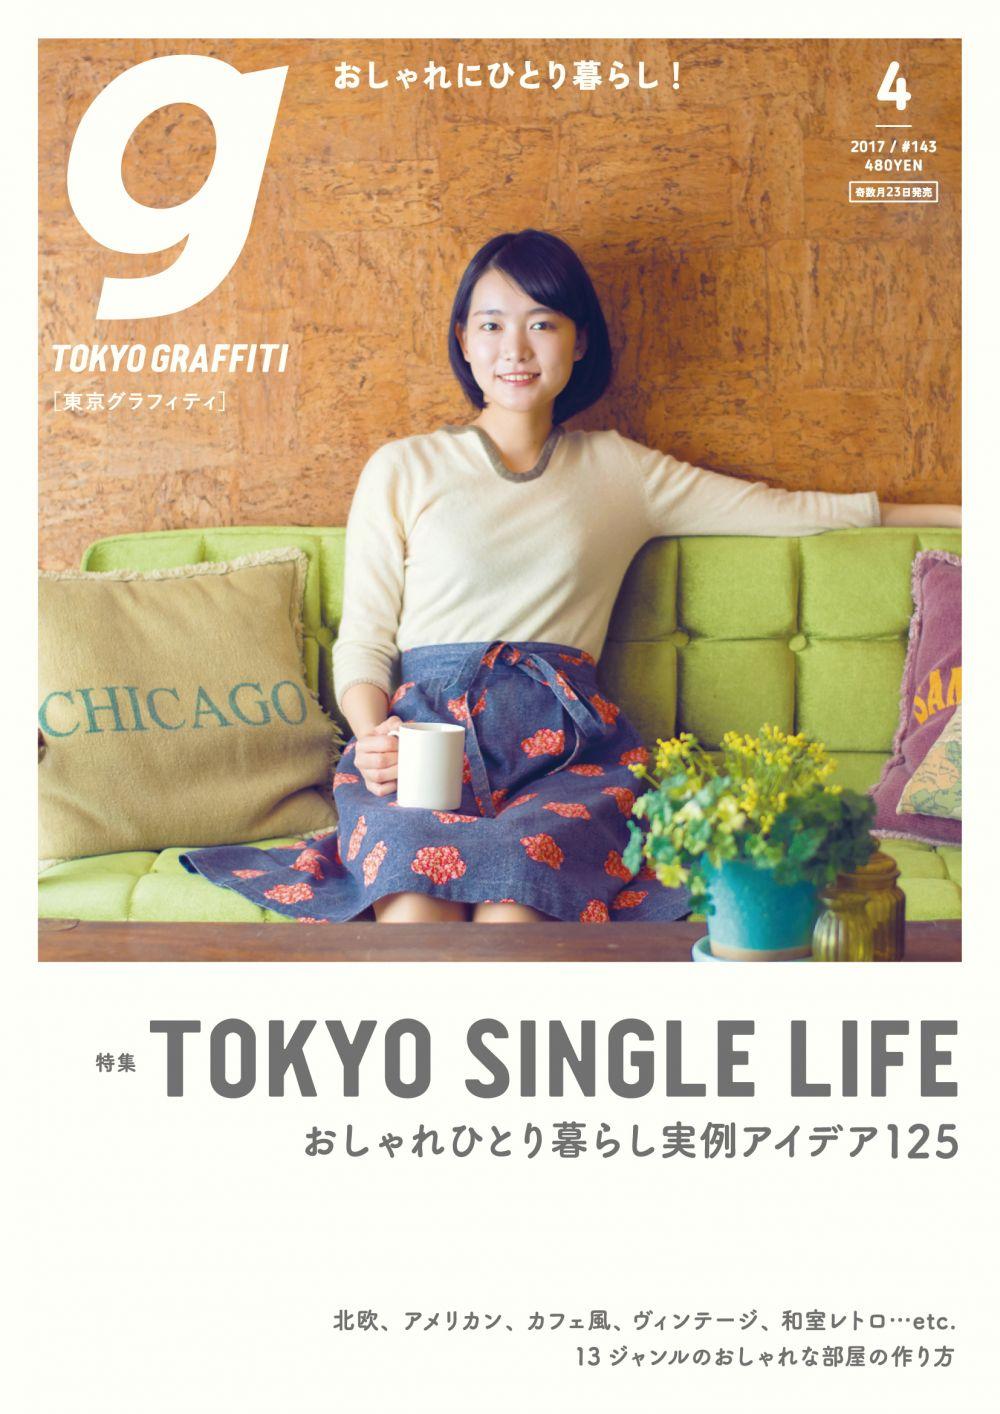 【参加者募集中!】グラフィティと一緒に作る「京都のフリーペーパー制作ワークショップ」を開催します!